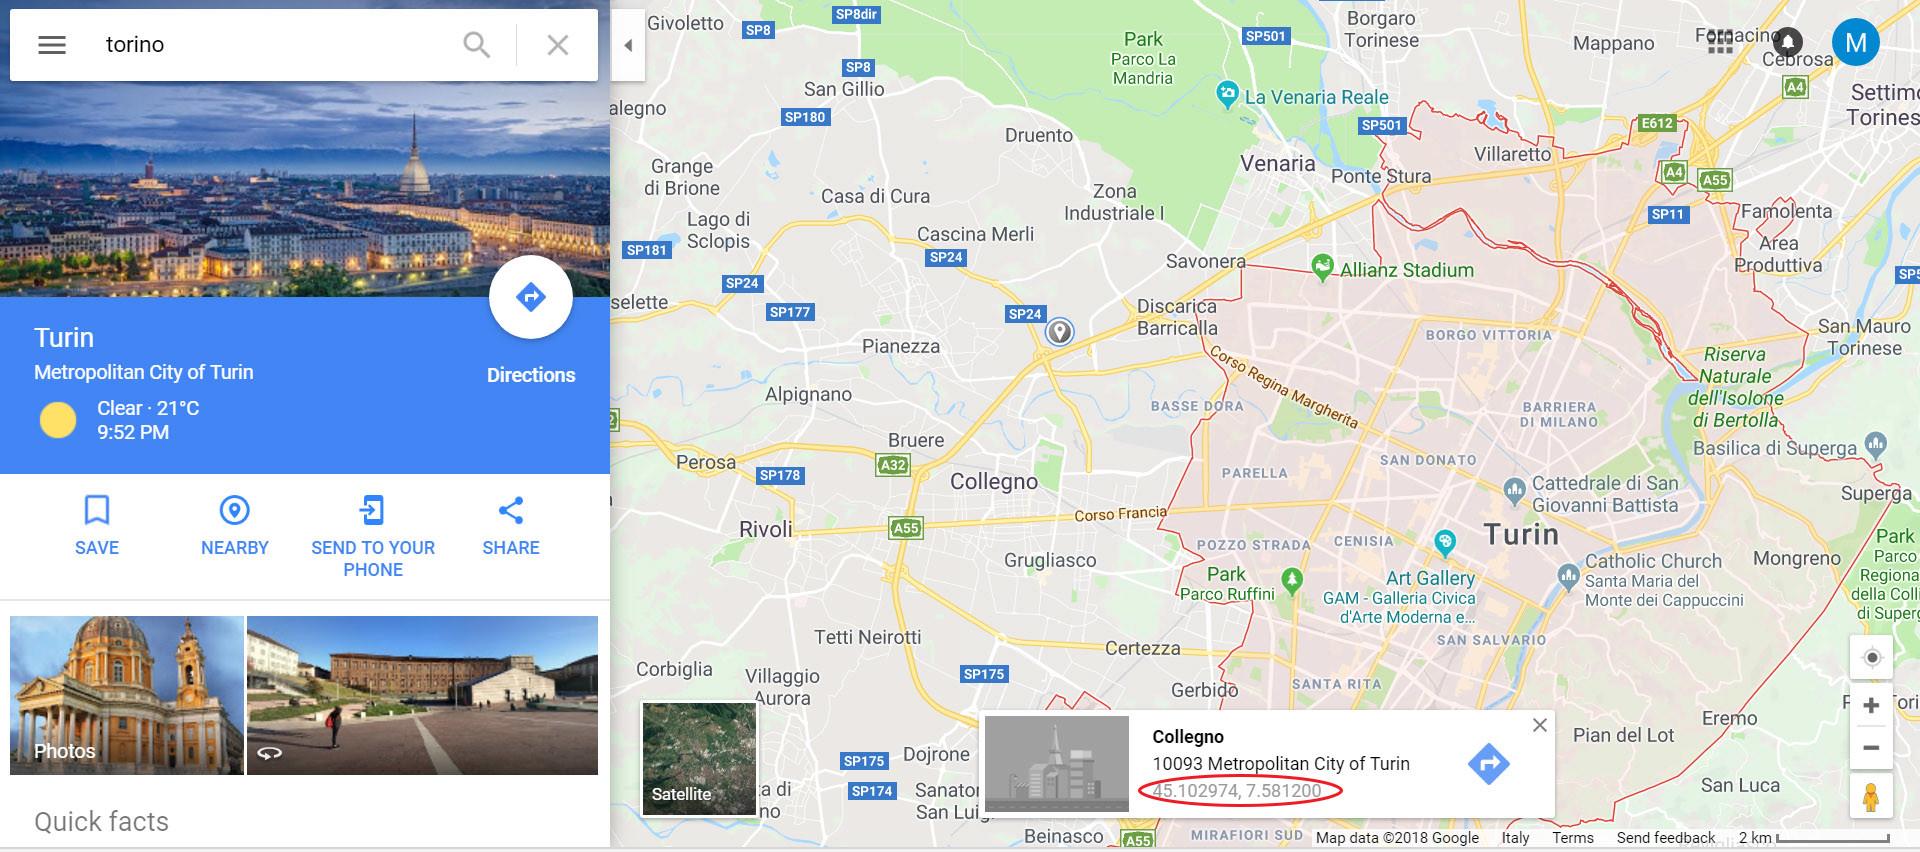 siti di incontri gratuiti città del capo siti di incontri gratuiti Lancaster